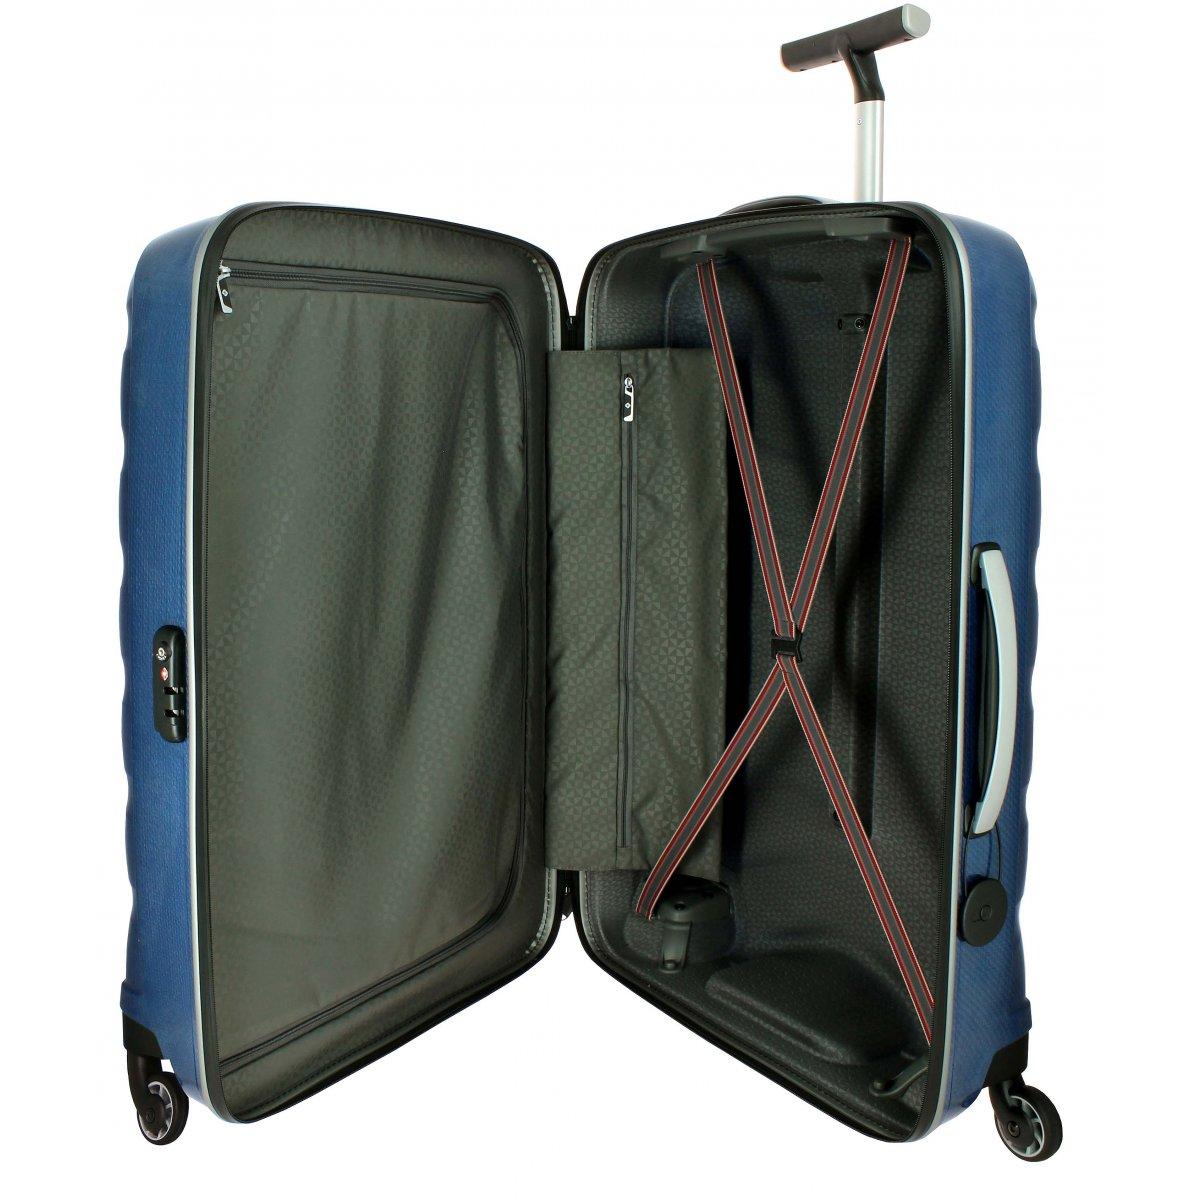 valise samsonite firelite spinner 81 cm firelite86 couleur principale dark blue promotion. Black Bedroom Furniture Sets. Home Design Ideas